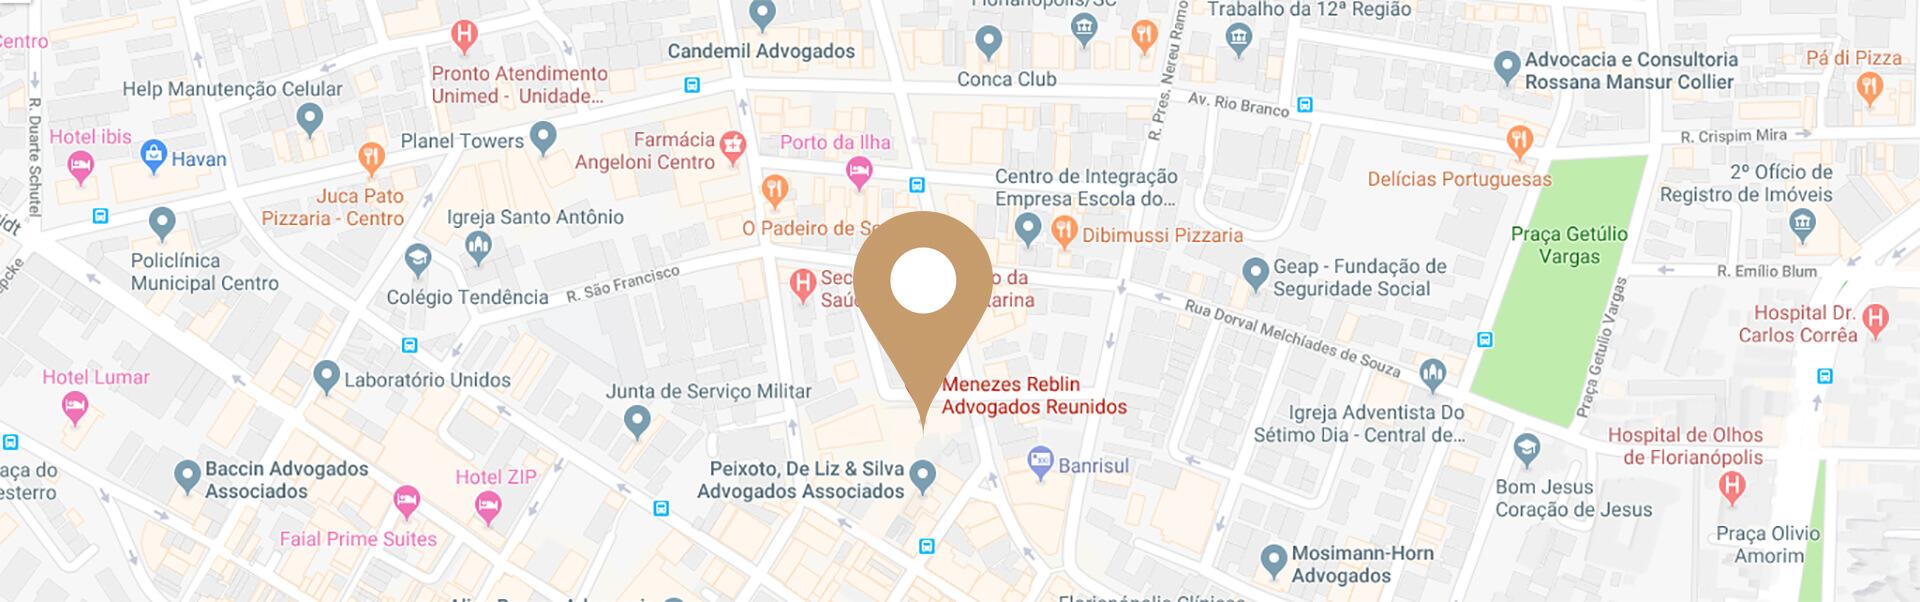 Localização Menezes Reblin Advogados Reunidos